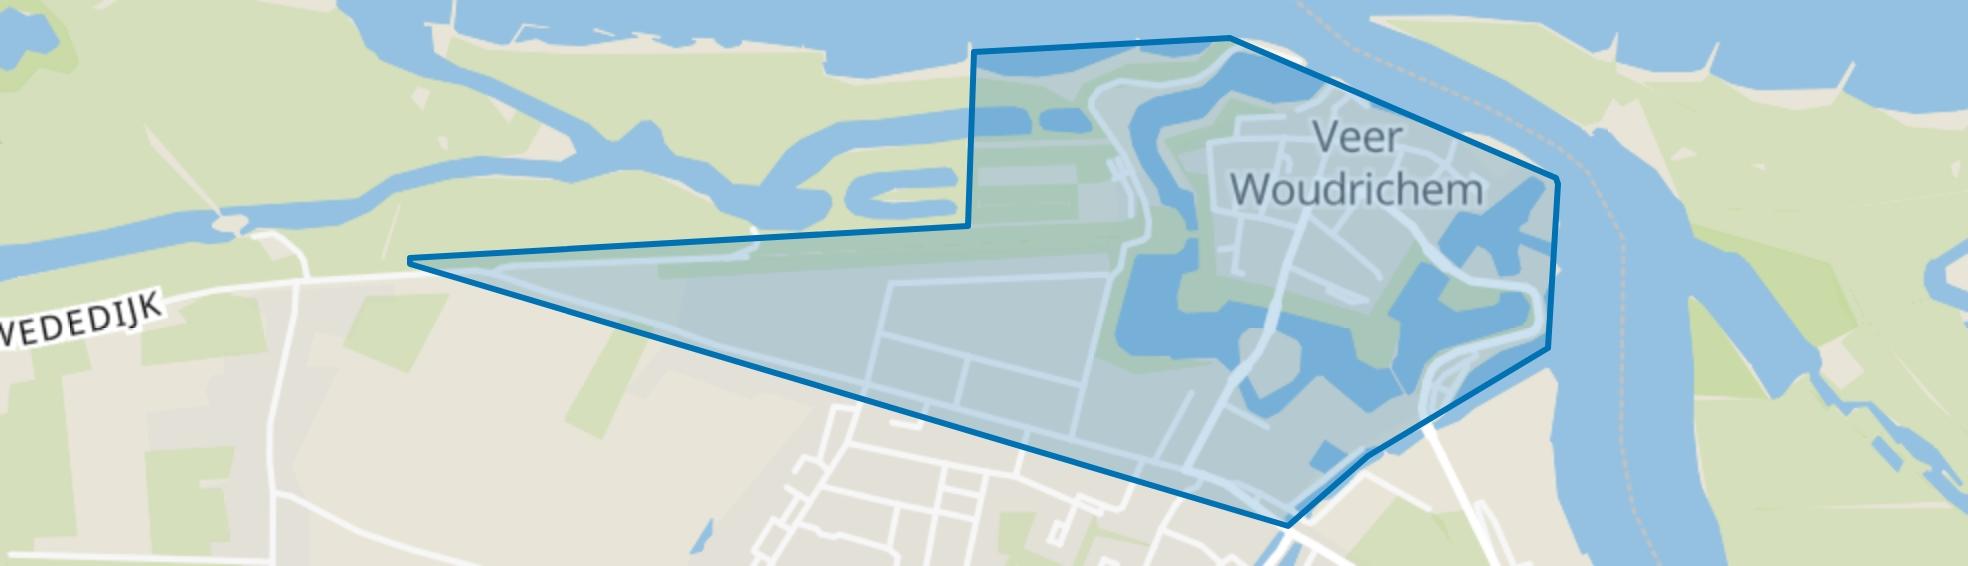 Woudrichem noord, Woudrichem map